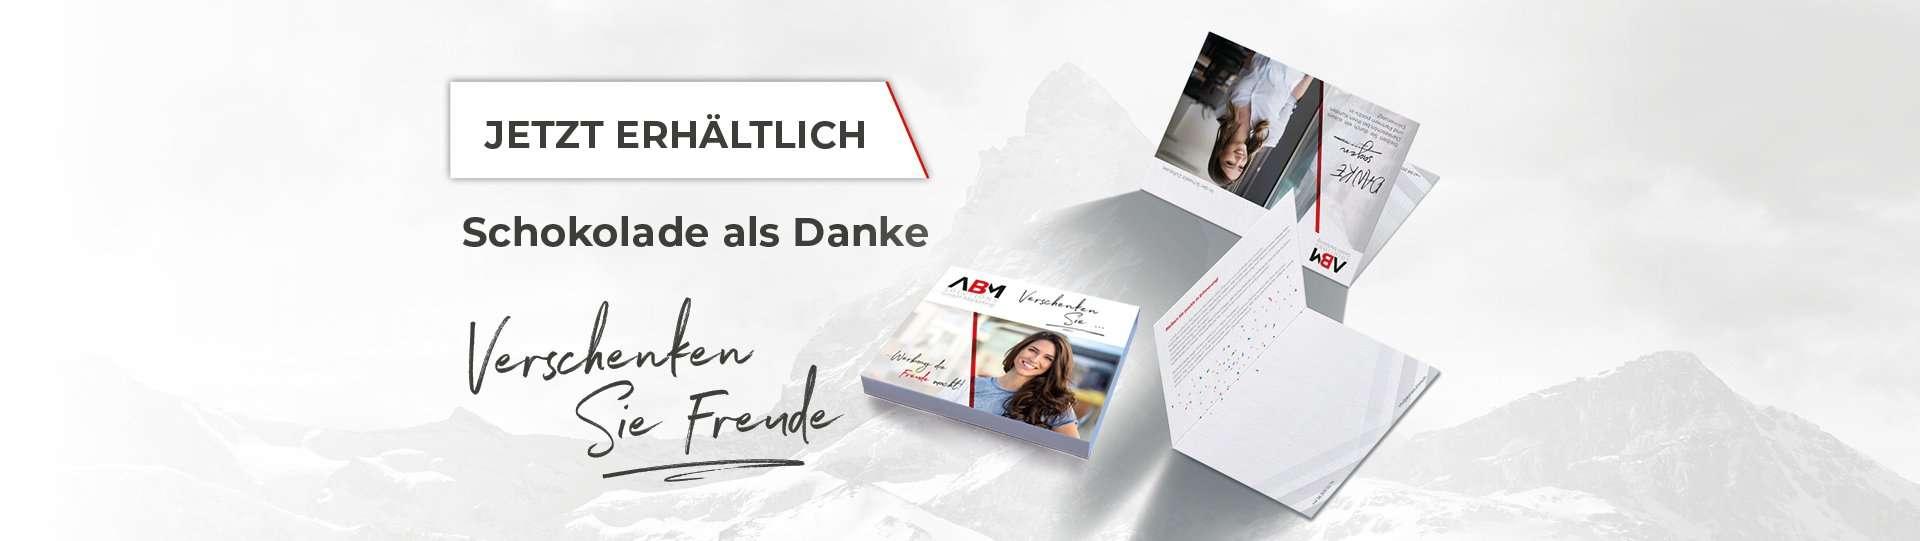 ABMhandelsagentur Schweizer Schokolade Danke Giveaway ABM Solutions GmbH Werbemittel Messe